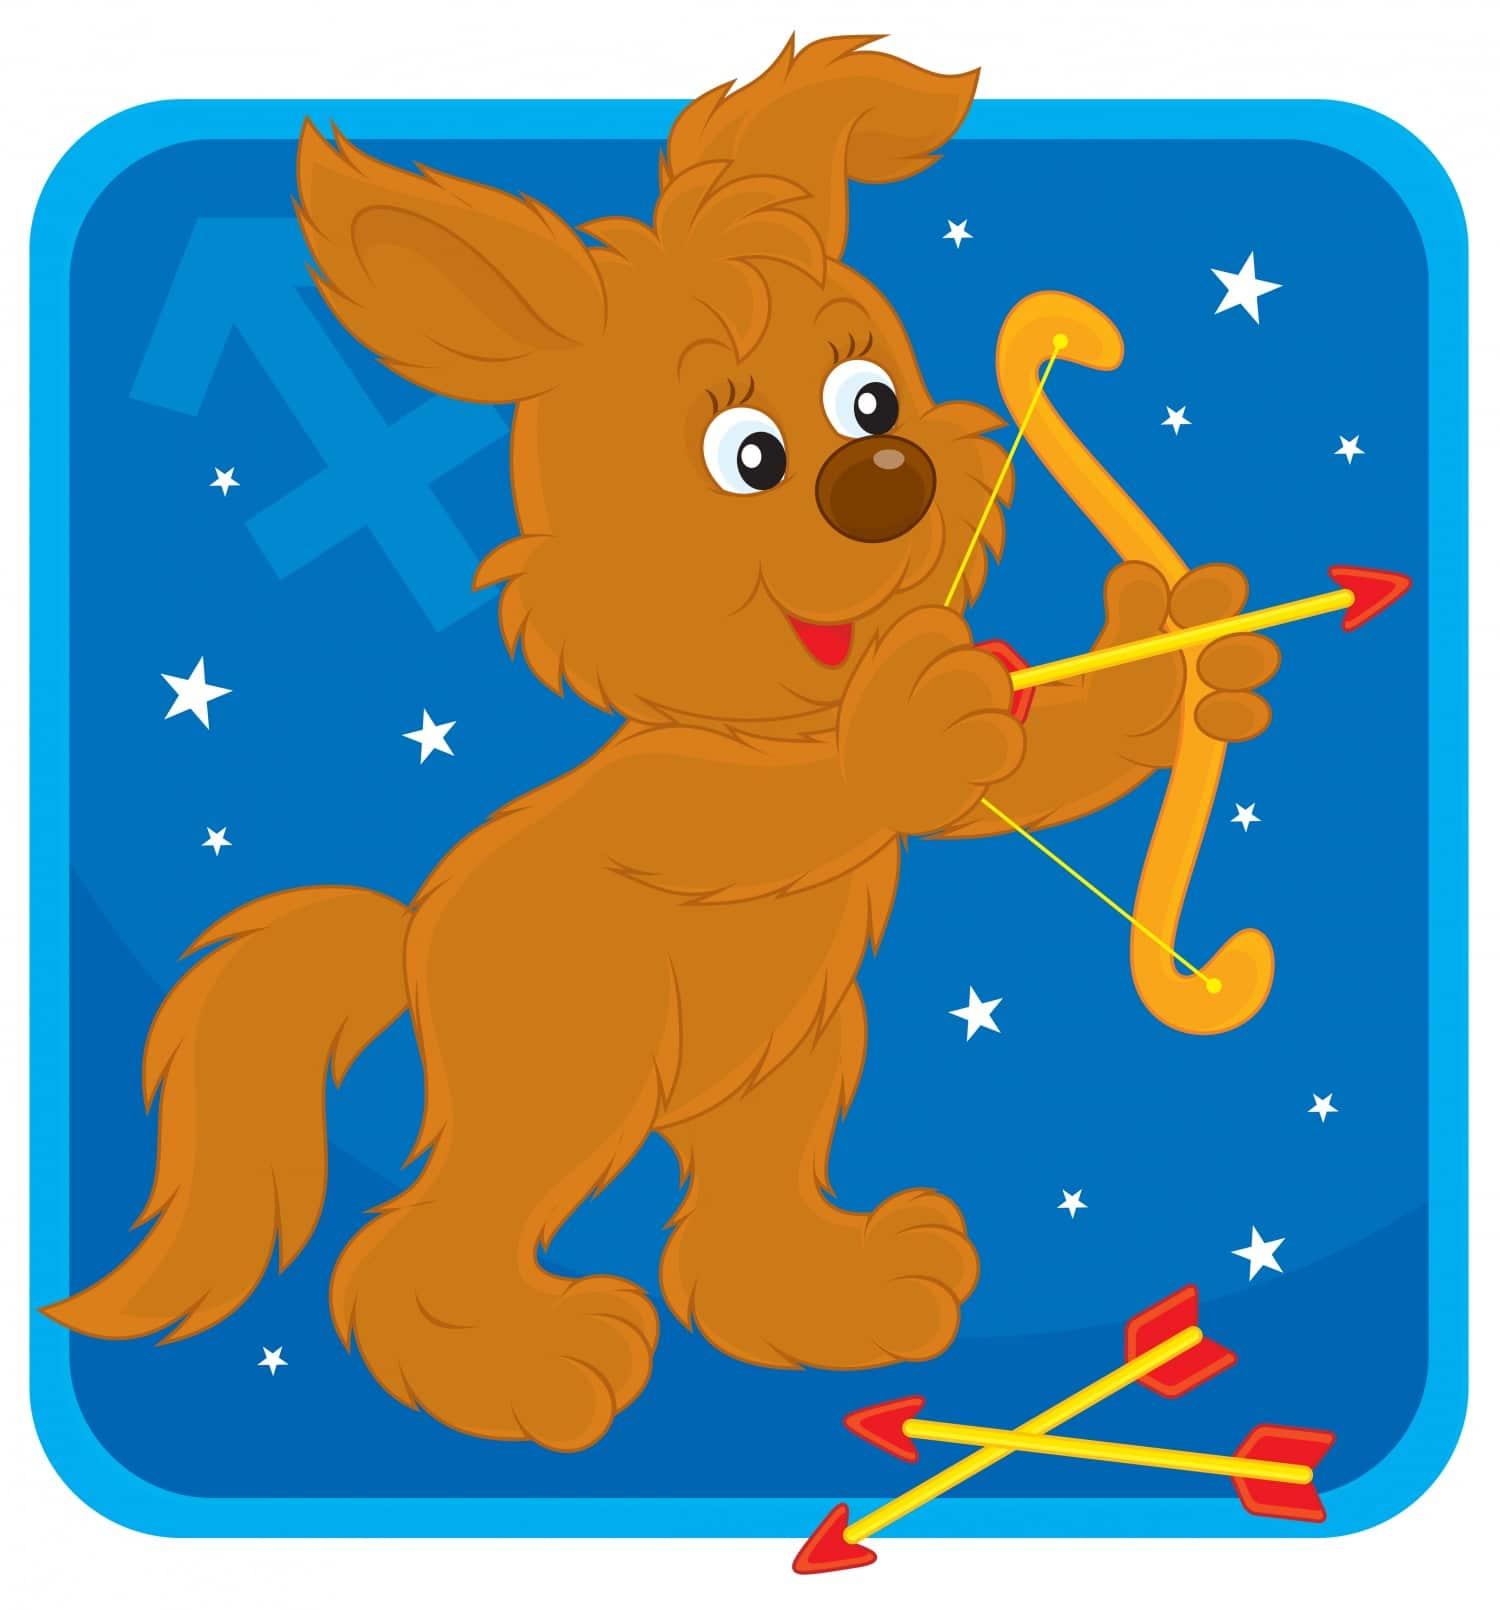 Kutyahoroszkóp – A kutyádnak is van csillagjegye, vajon mi jellemző rá?